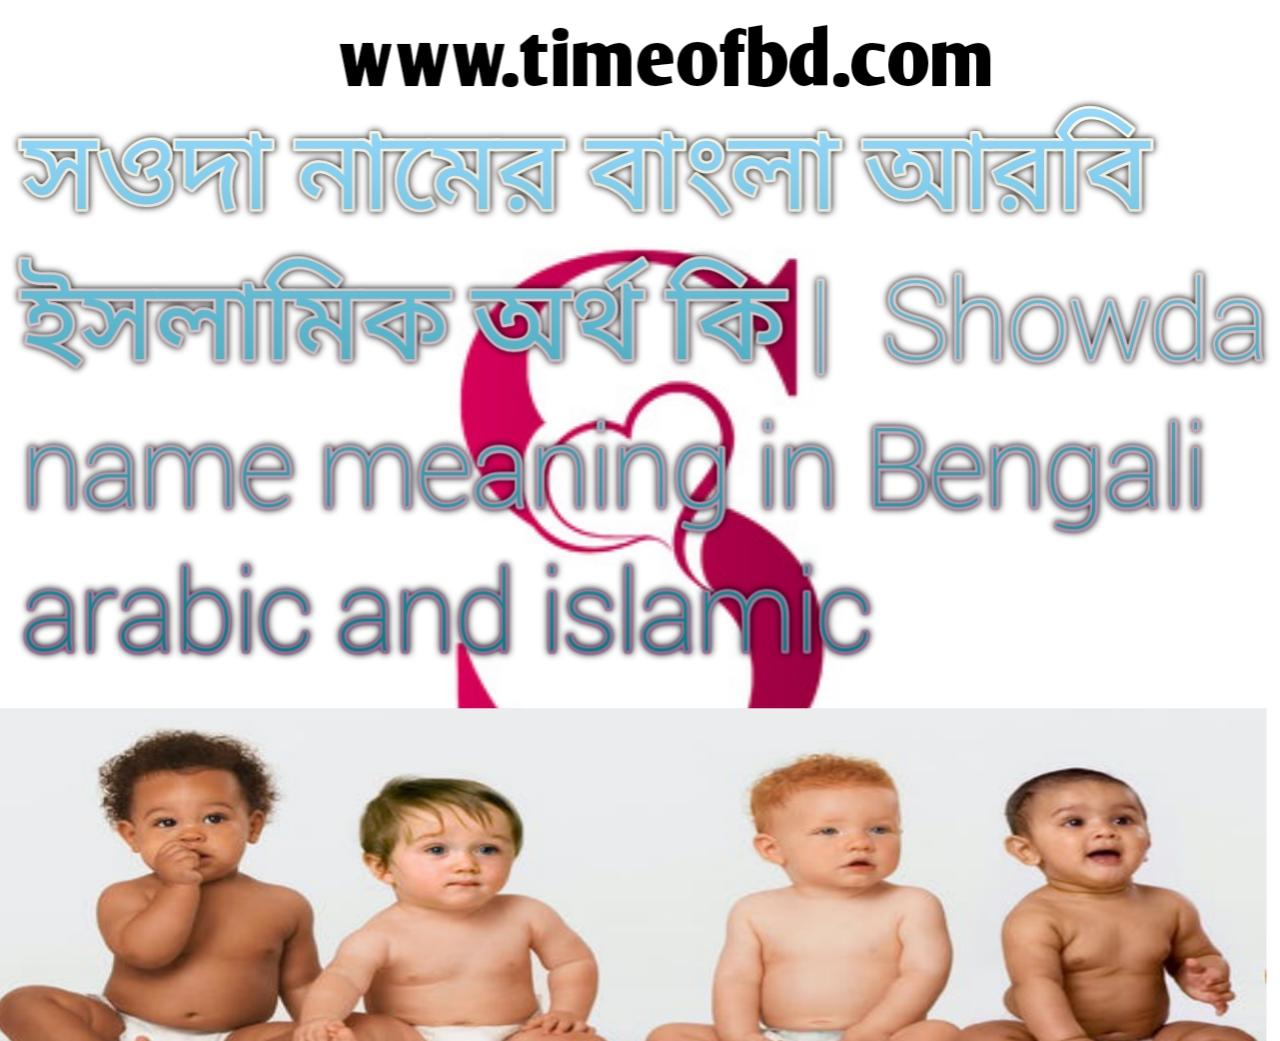 সওদা নামের অর্থ কি,   সওদা নামের বাংলা অর্থ কি,   সওদা নামের ইসলামিক অর্থ কি,   Showda name in Bengali,   সওদা কি ইসলামিক নাম,